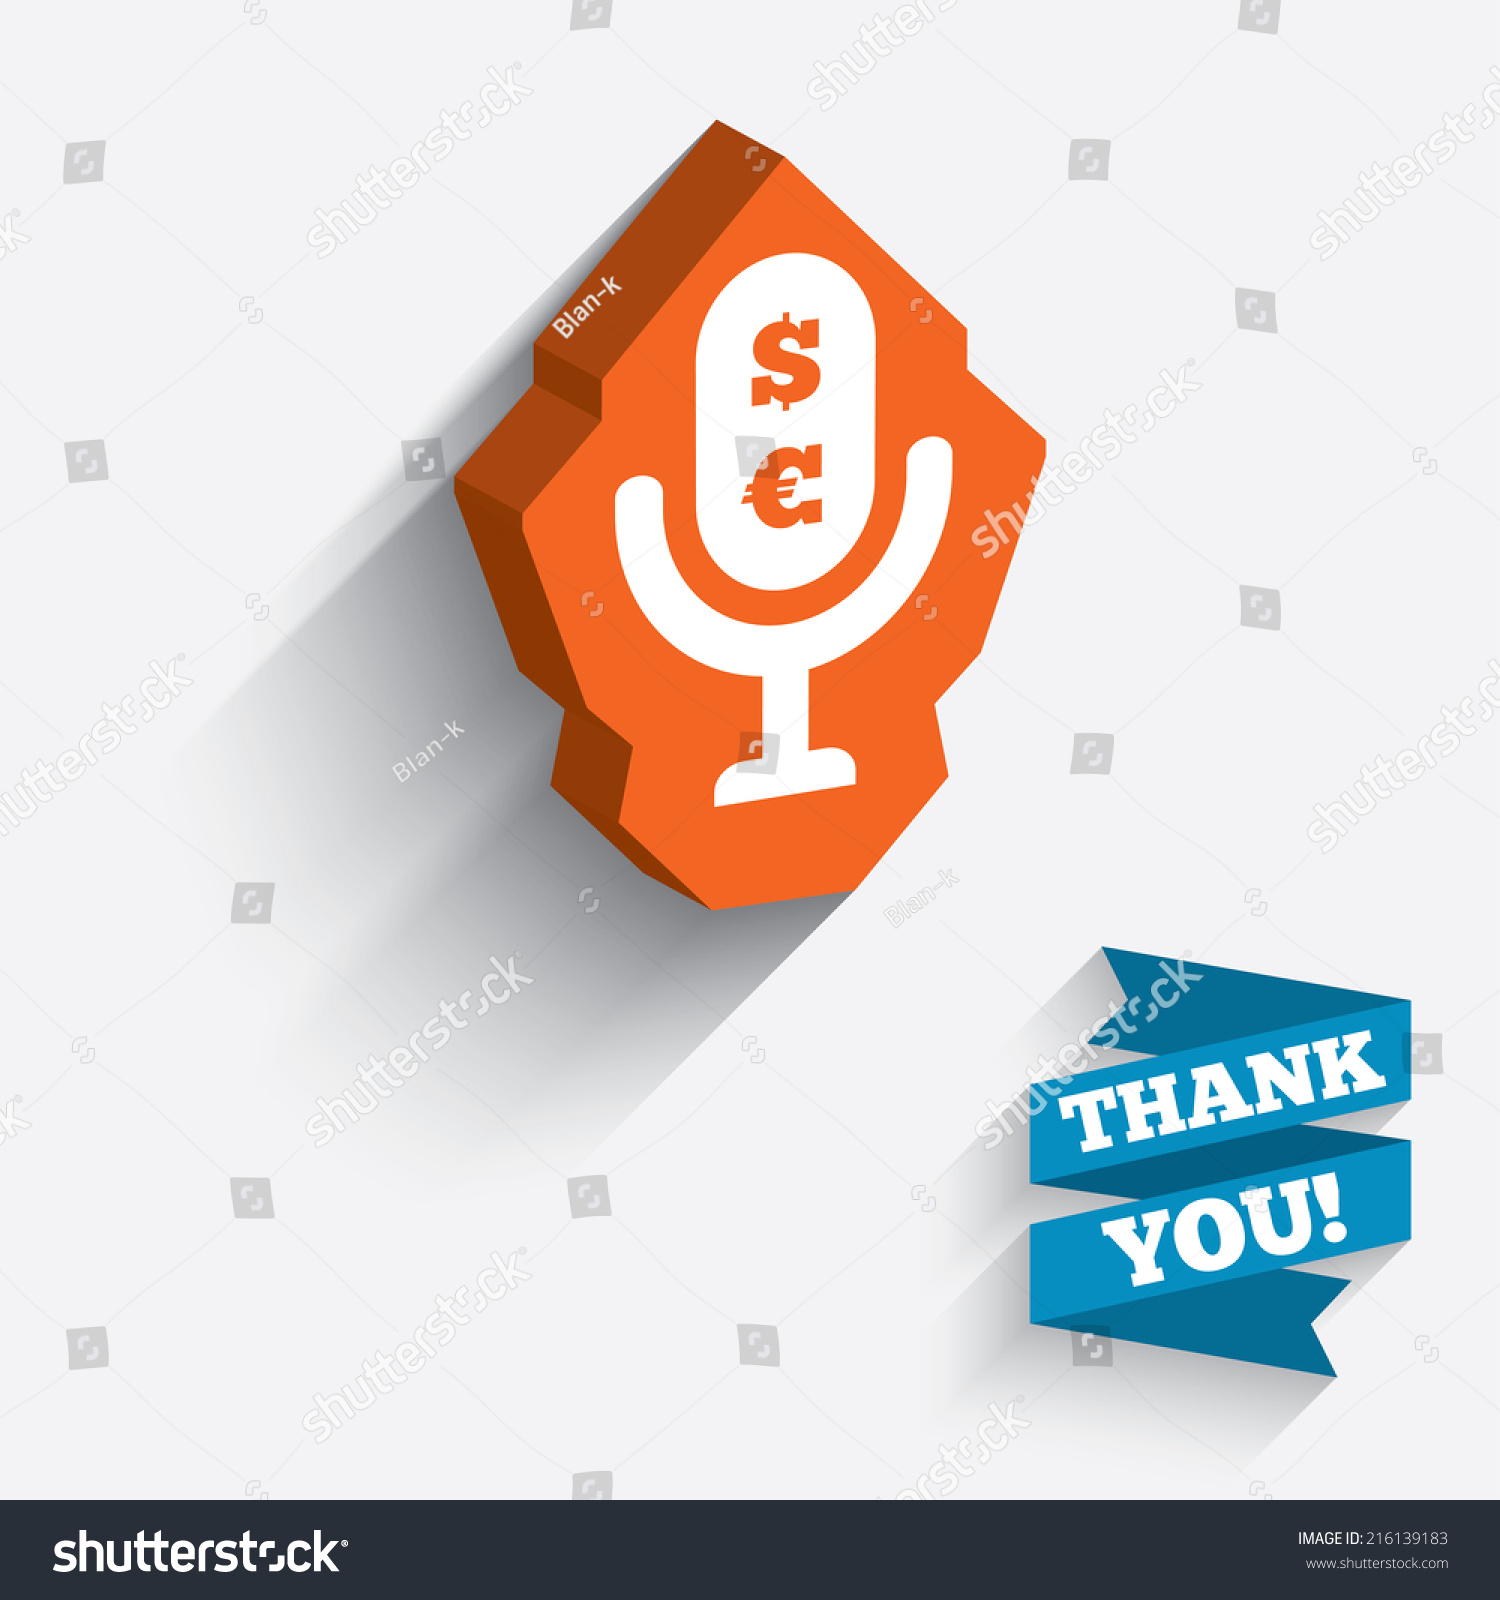 Beautiful Speaker Symbol Component - Wiring Diagram Ideas - blogitia.com